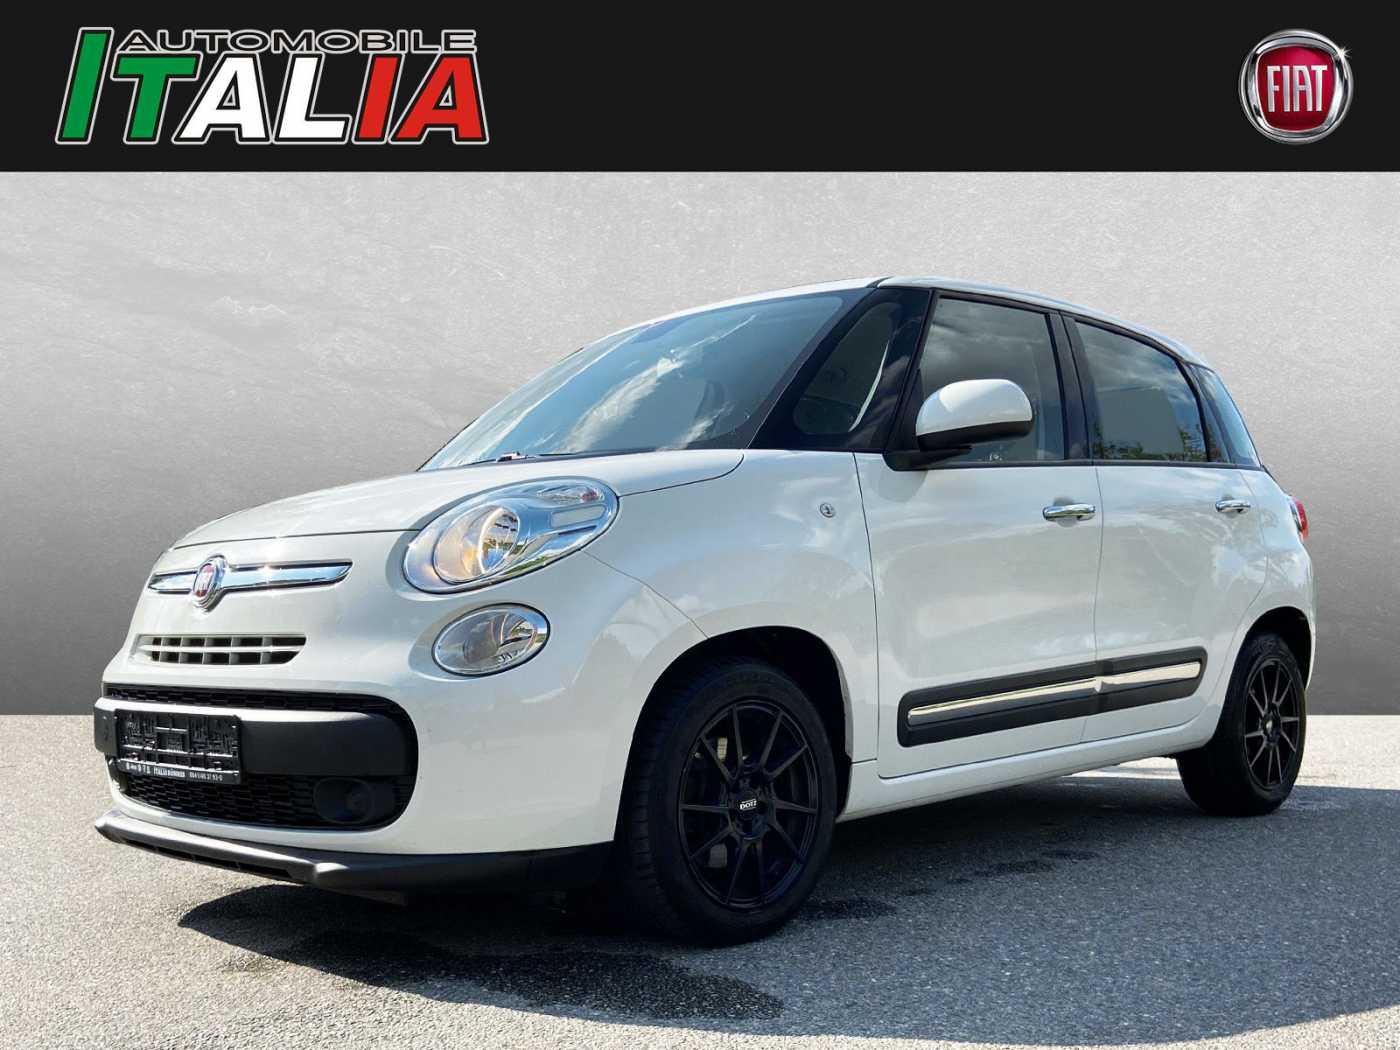 Fiat 500L 0.9 TwinAir Easy *8-Fach*, Jahr 2014, Benzin